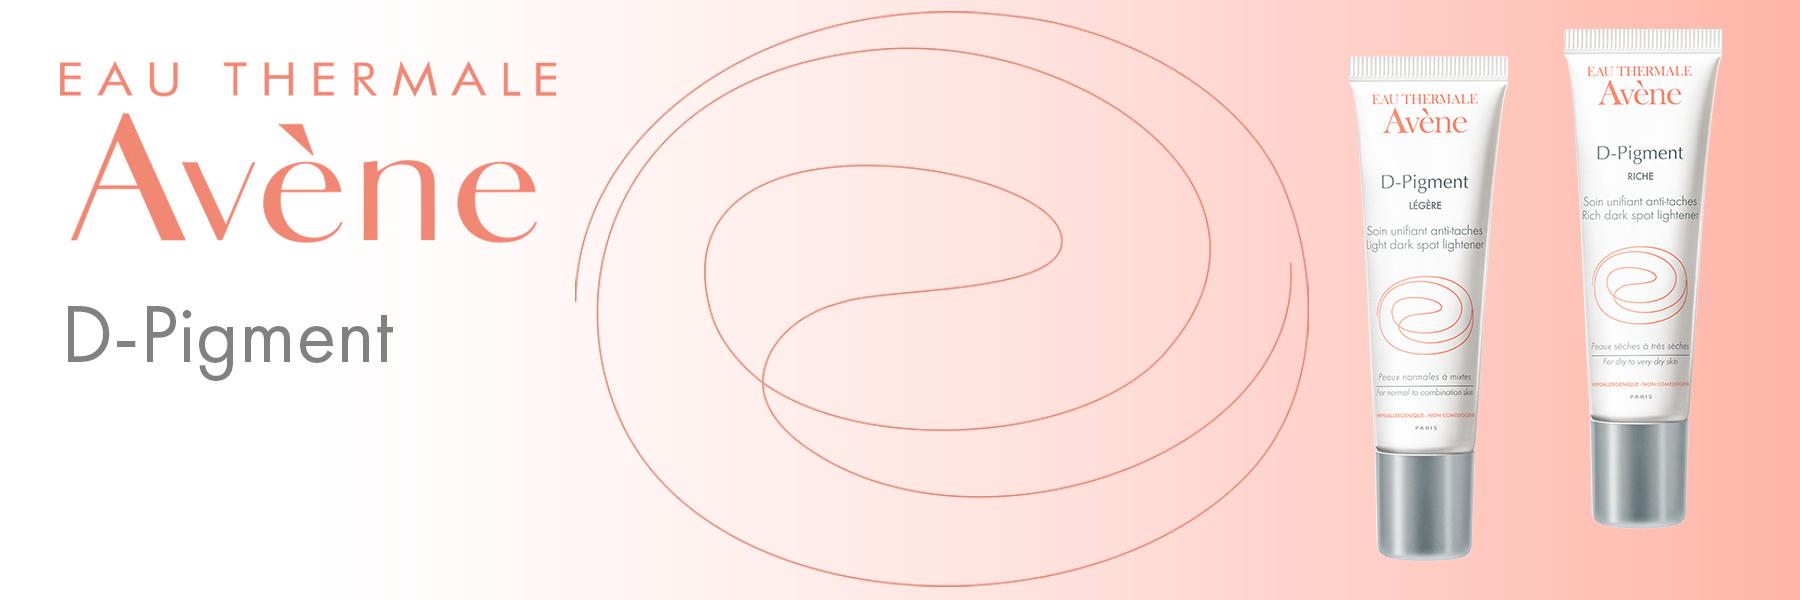 Avène D-Pigment